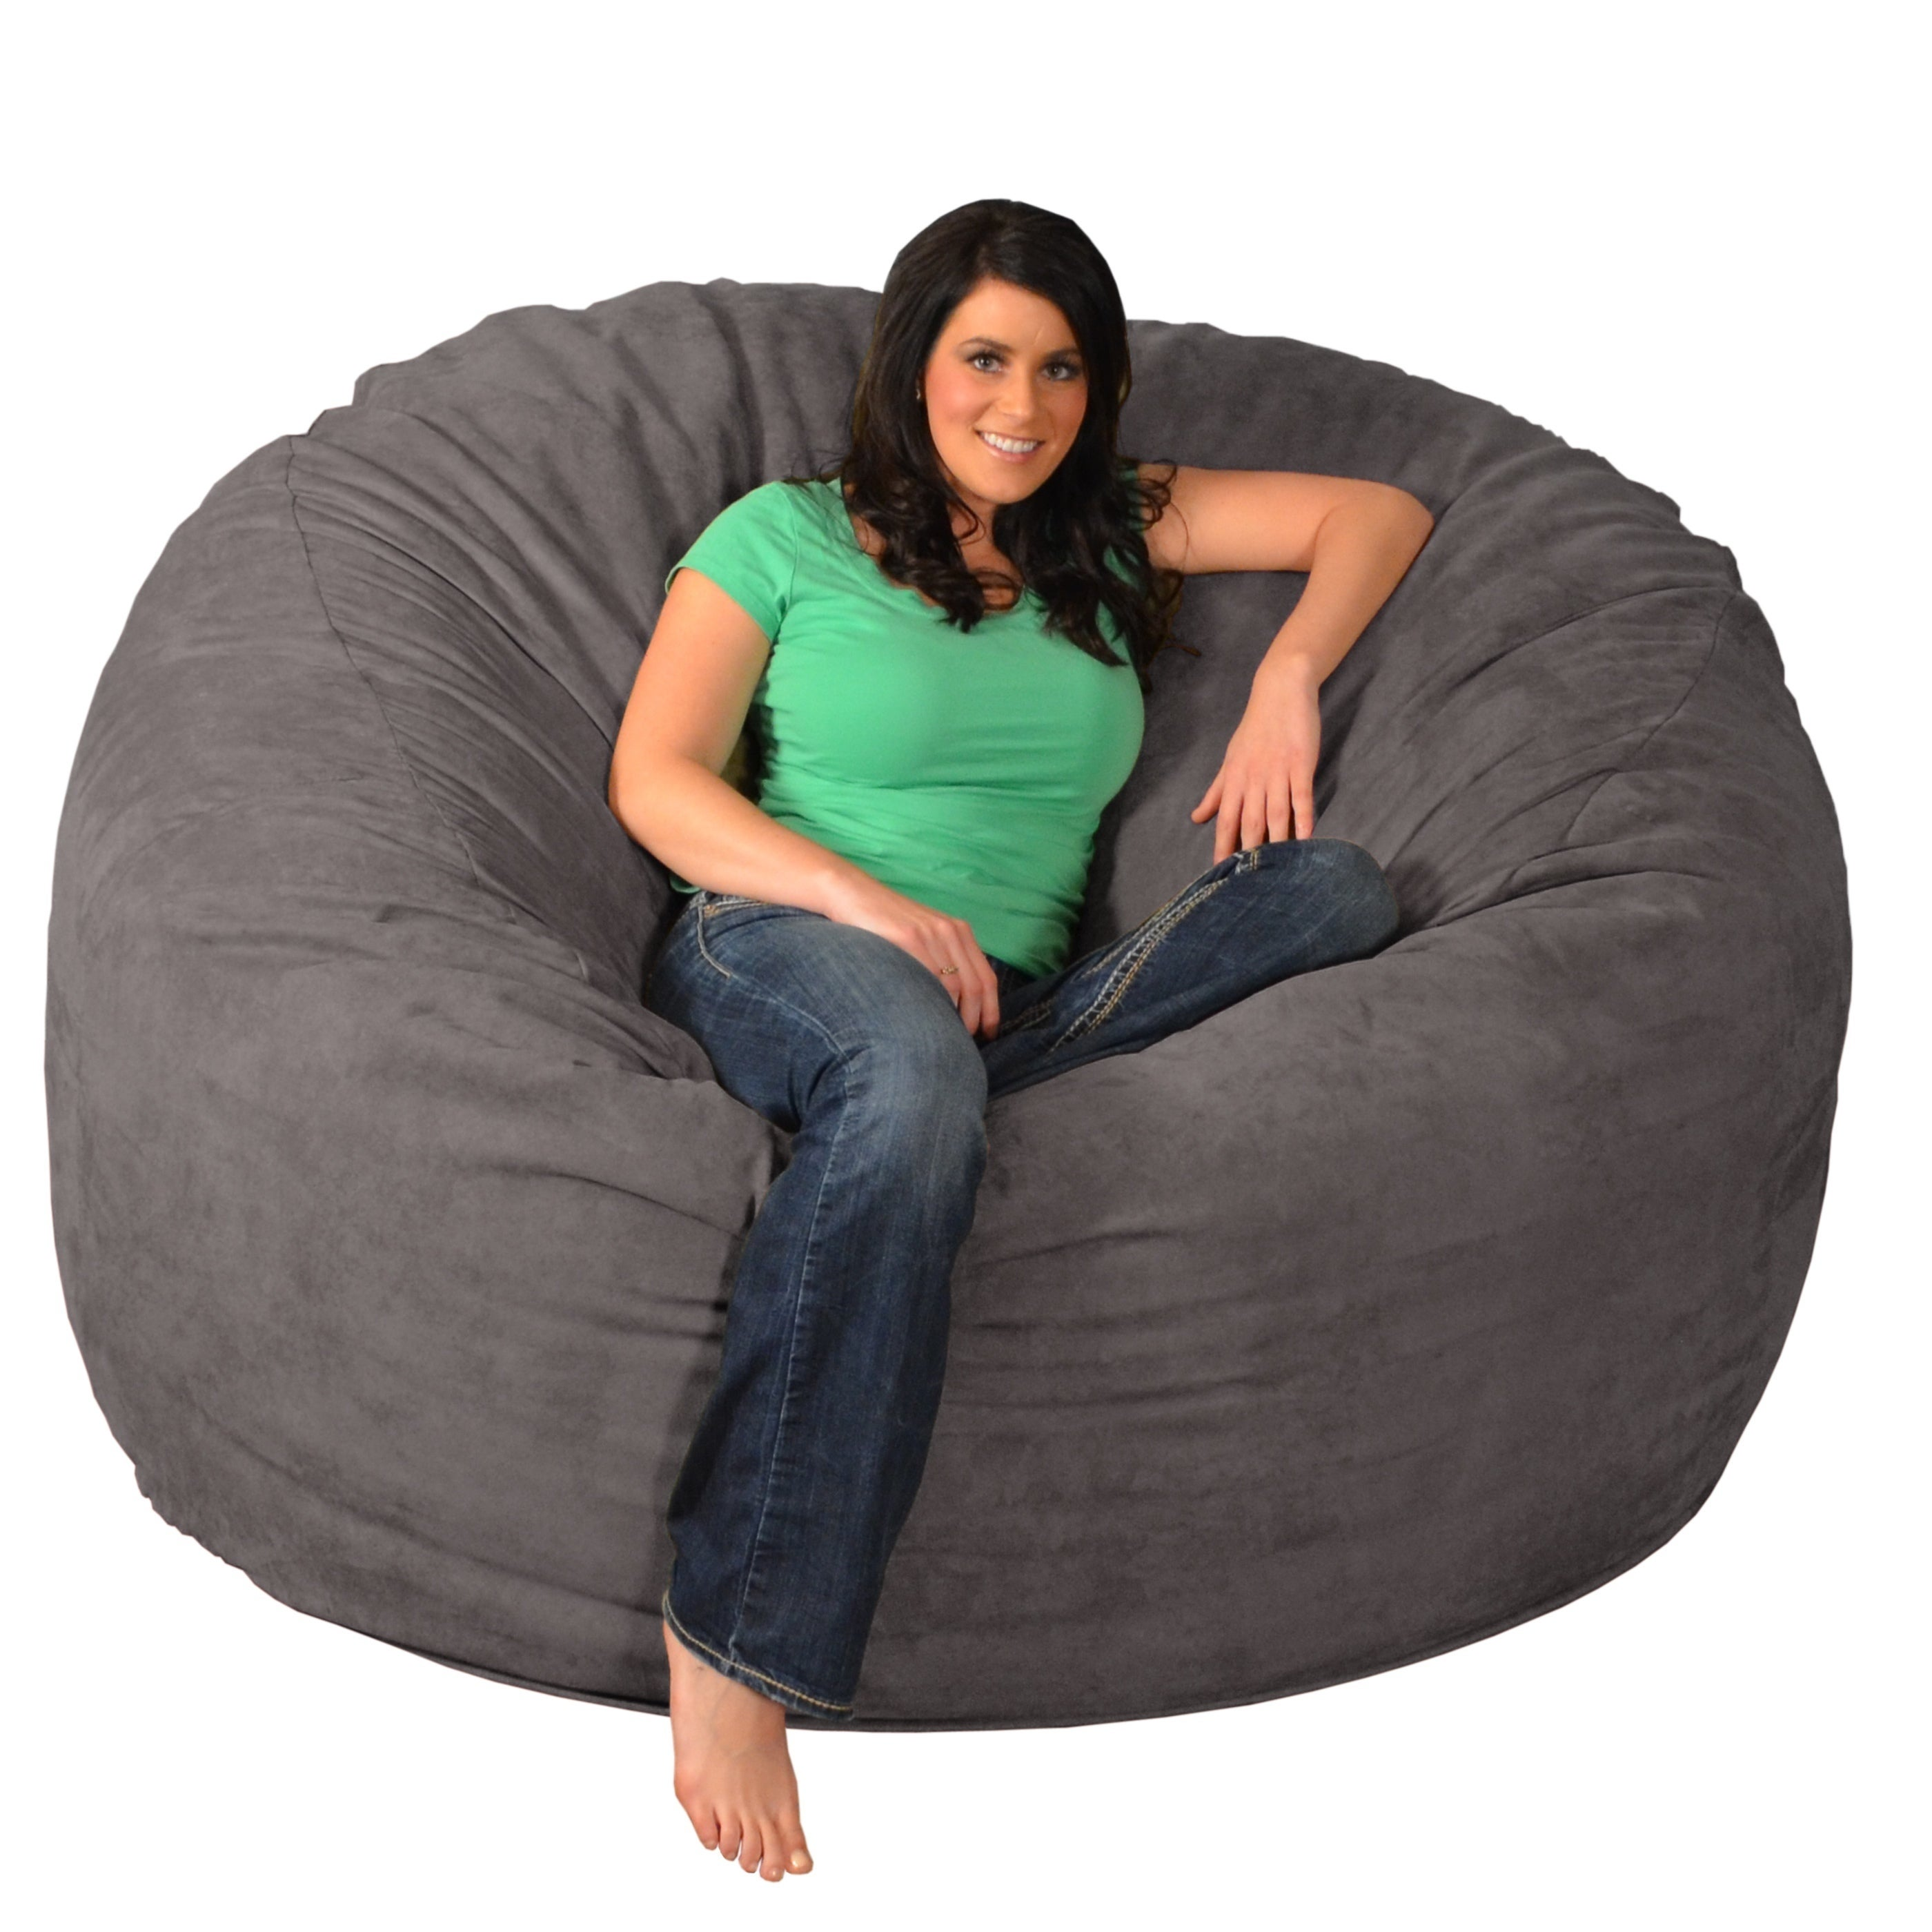 Giant Memory Foam Bean Bag 6 Foot Chair Ebay